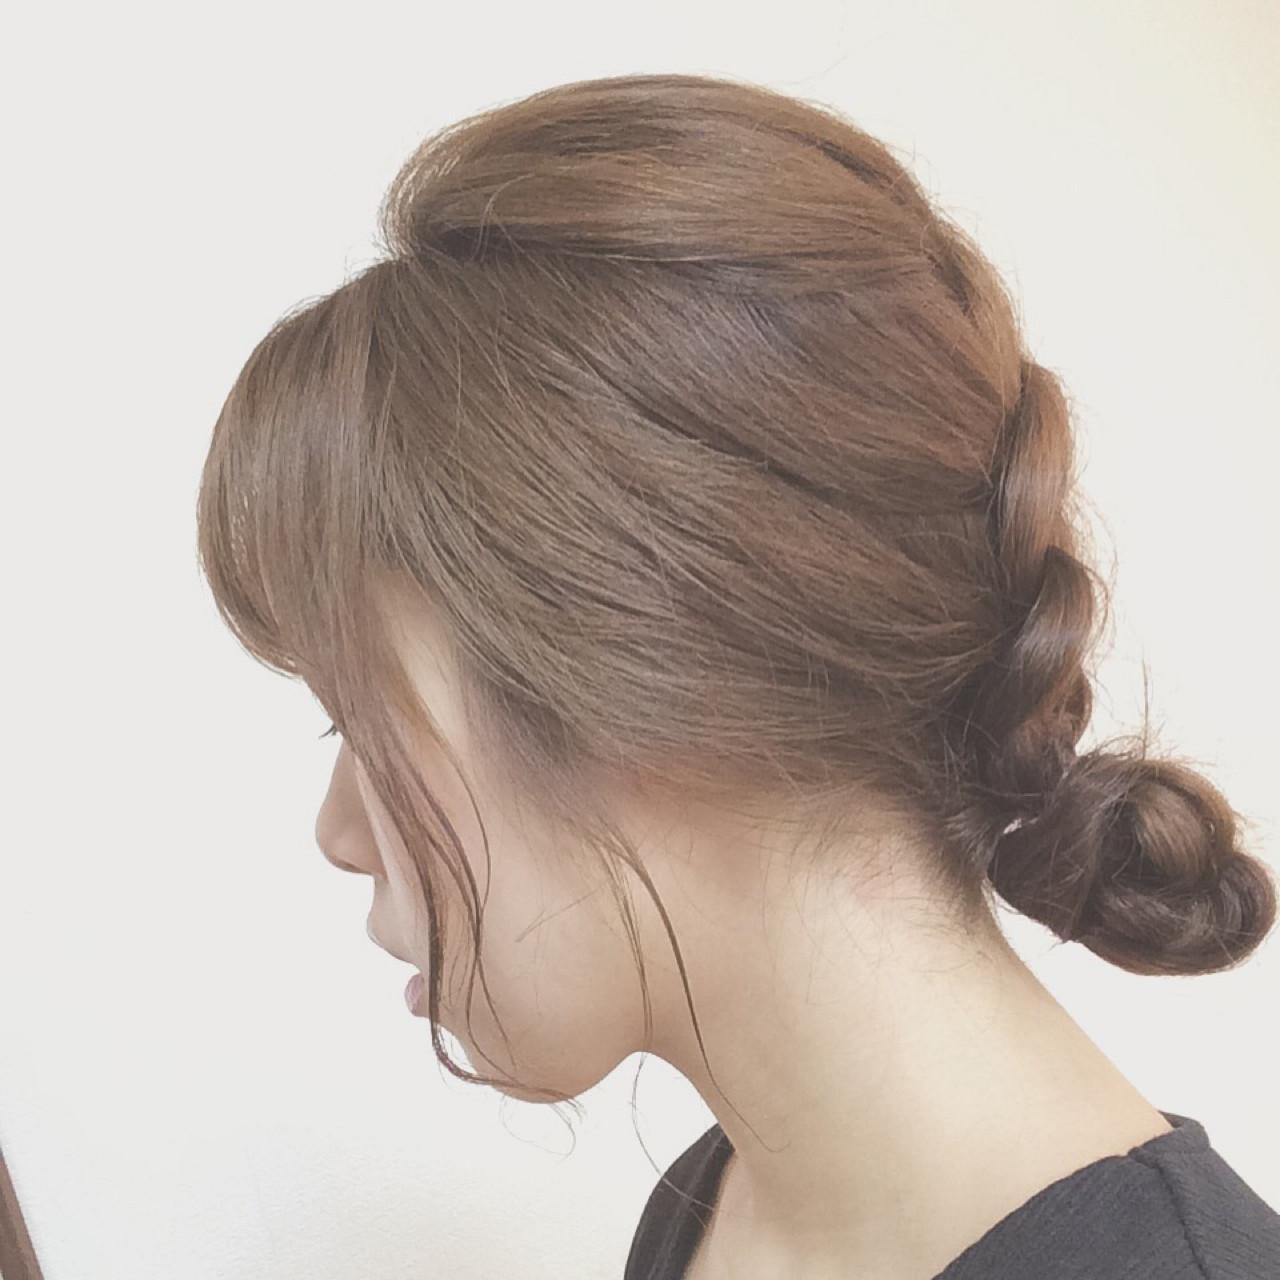 まとめ髪 お団子 梅雨 編み込み ヘアスタイルや髪型の写真・画像